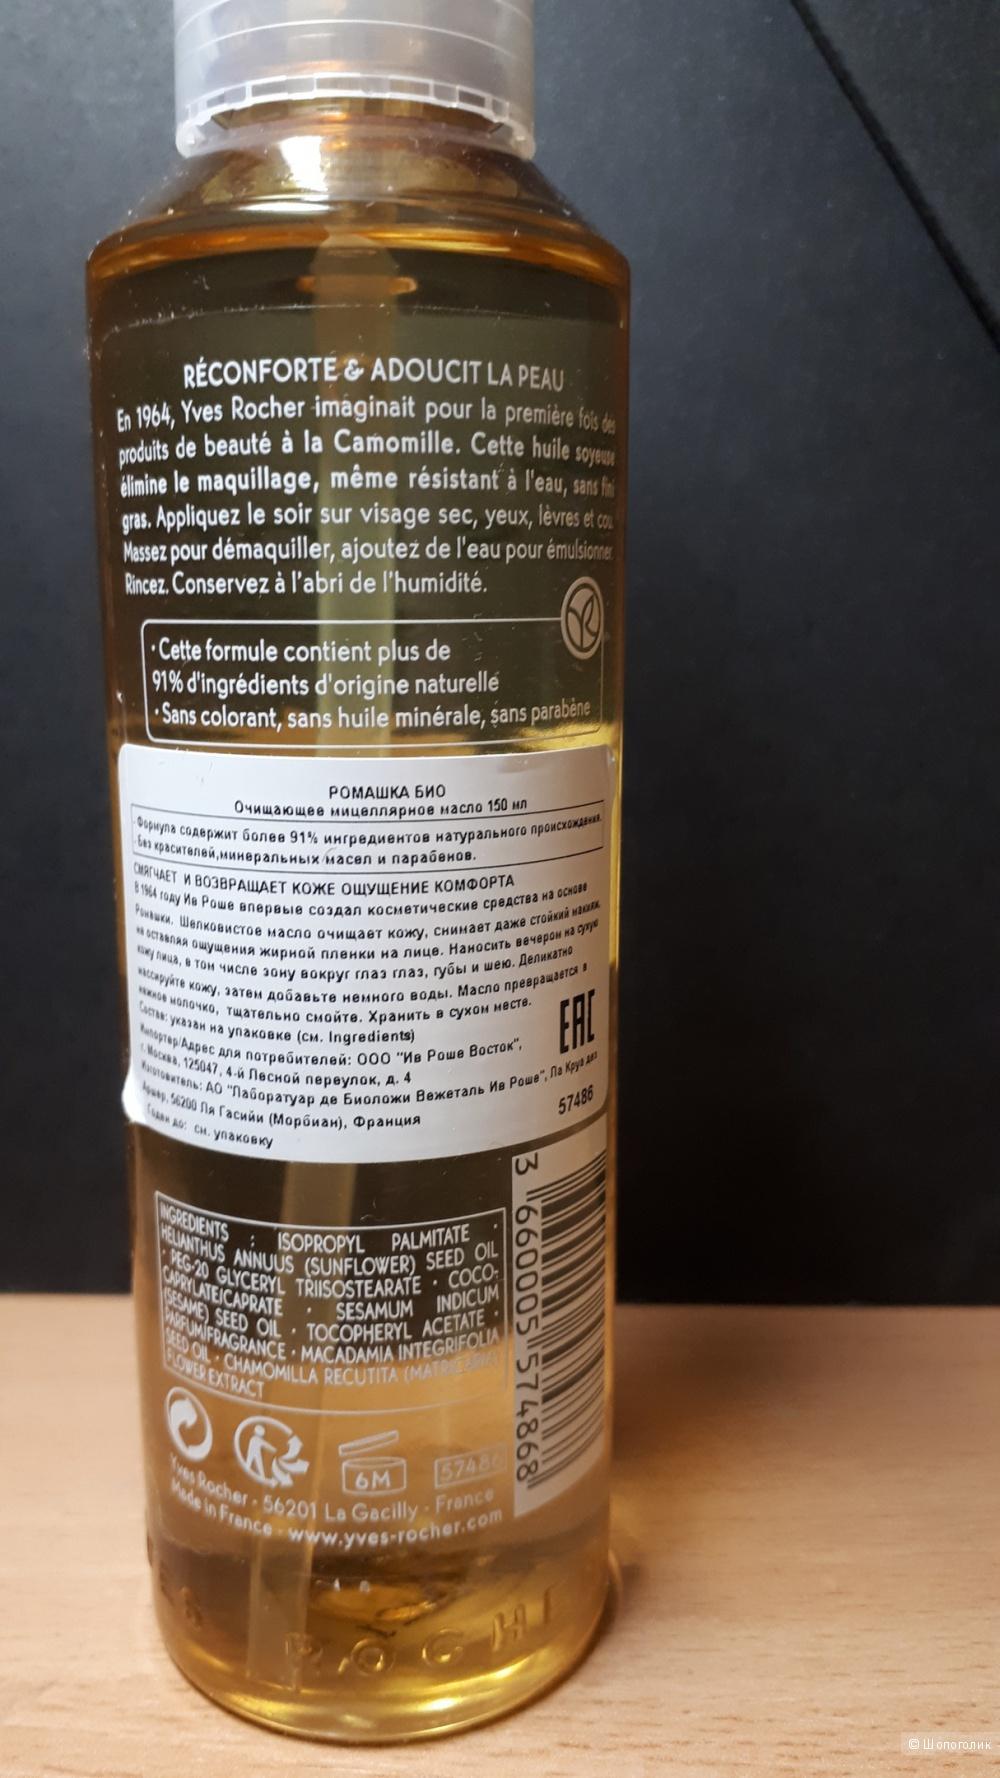 Очищающее Мицеллярное Масло от Ив Роше,150 мл.